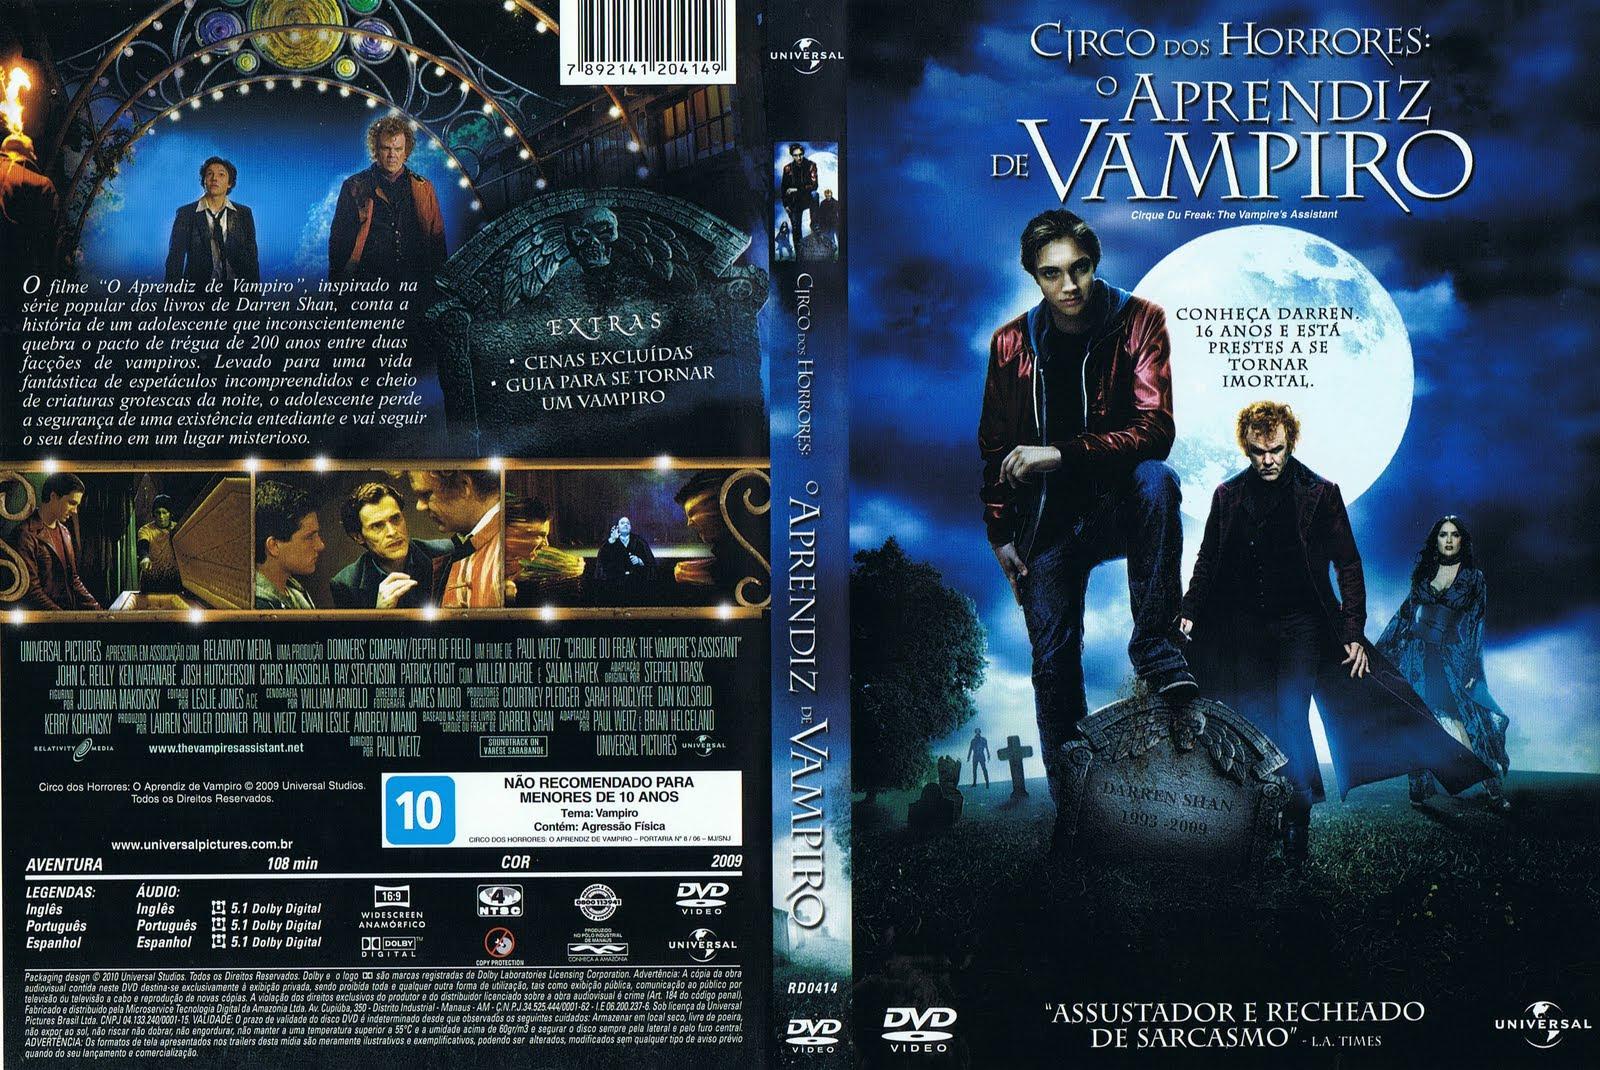 Circo dos Horrores: O Aprendiz de Vampiro Torrent – BluRay Rip 720p Dublado (2009)